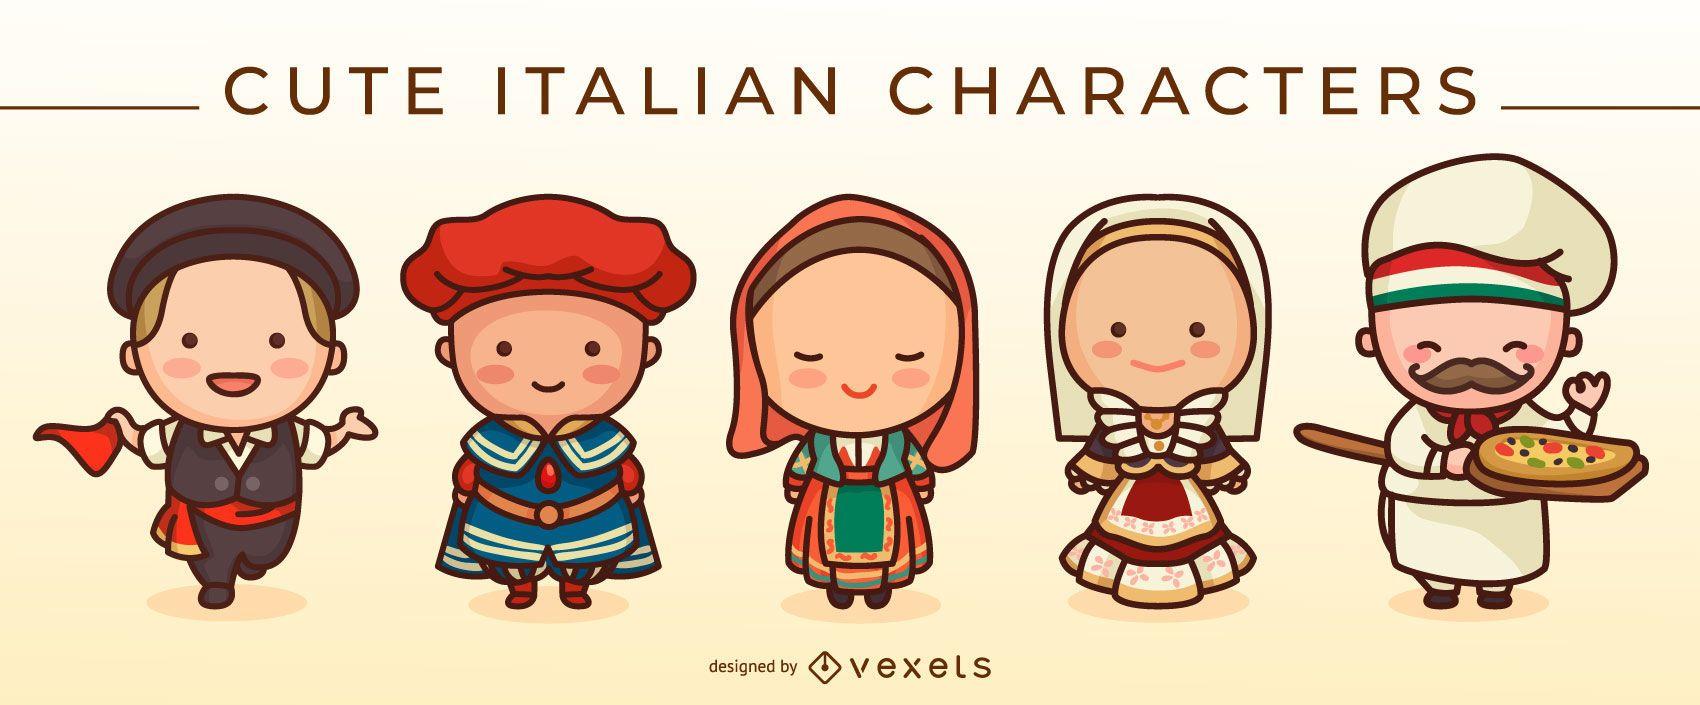 Cute italian characters set